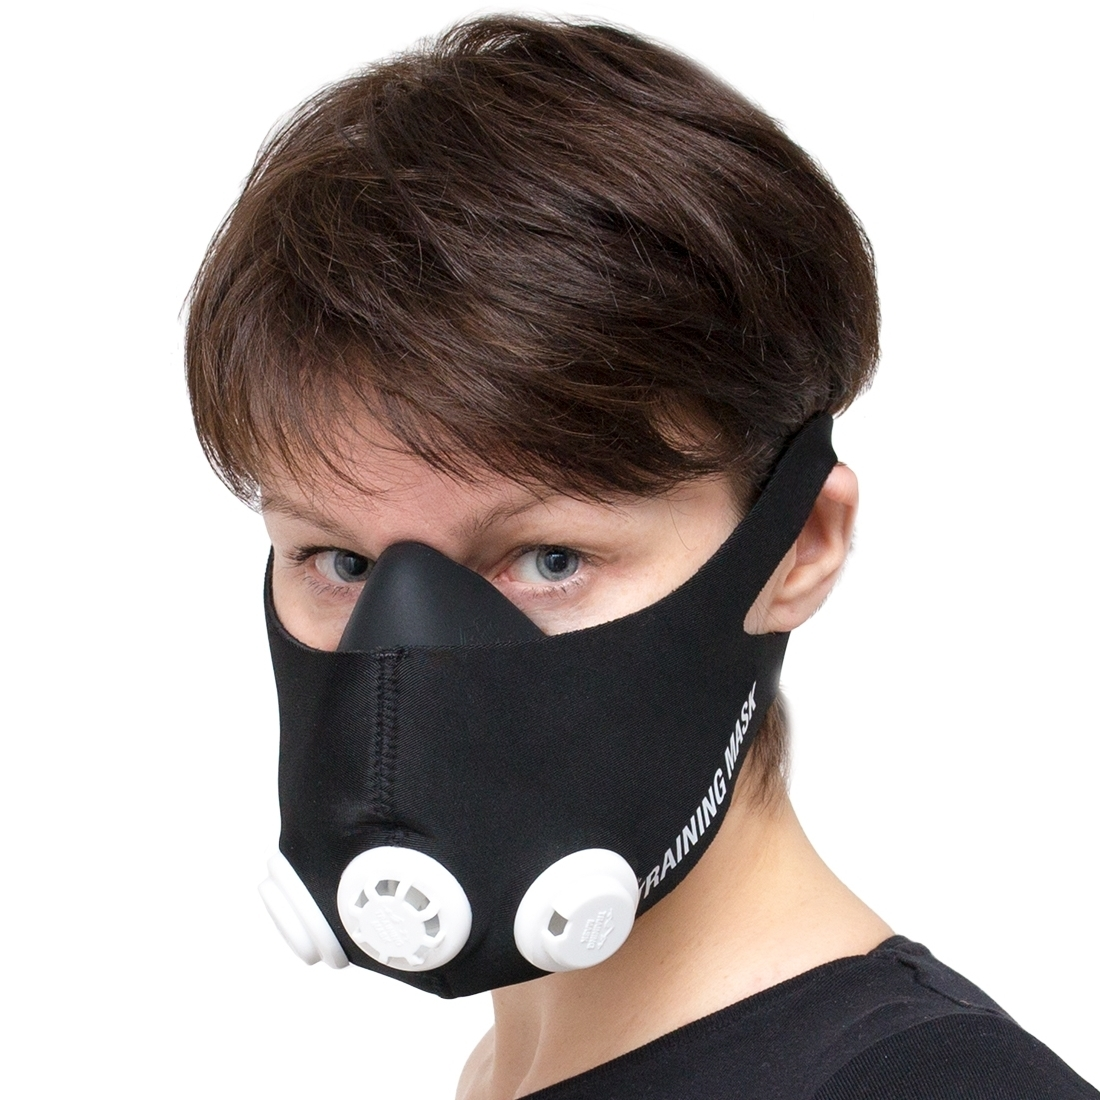 Товары для здоровья Тренировочная маска Training Mask 2.0 training-maska.jpg